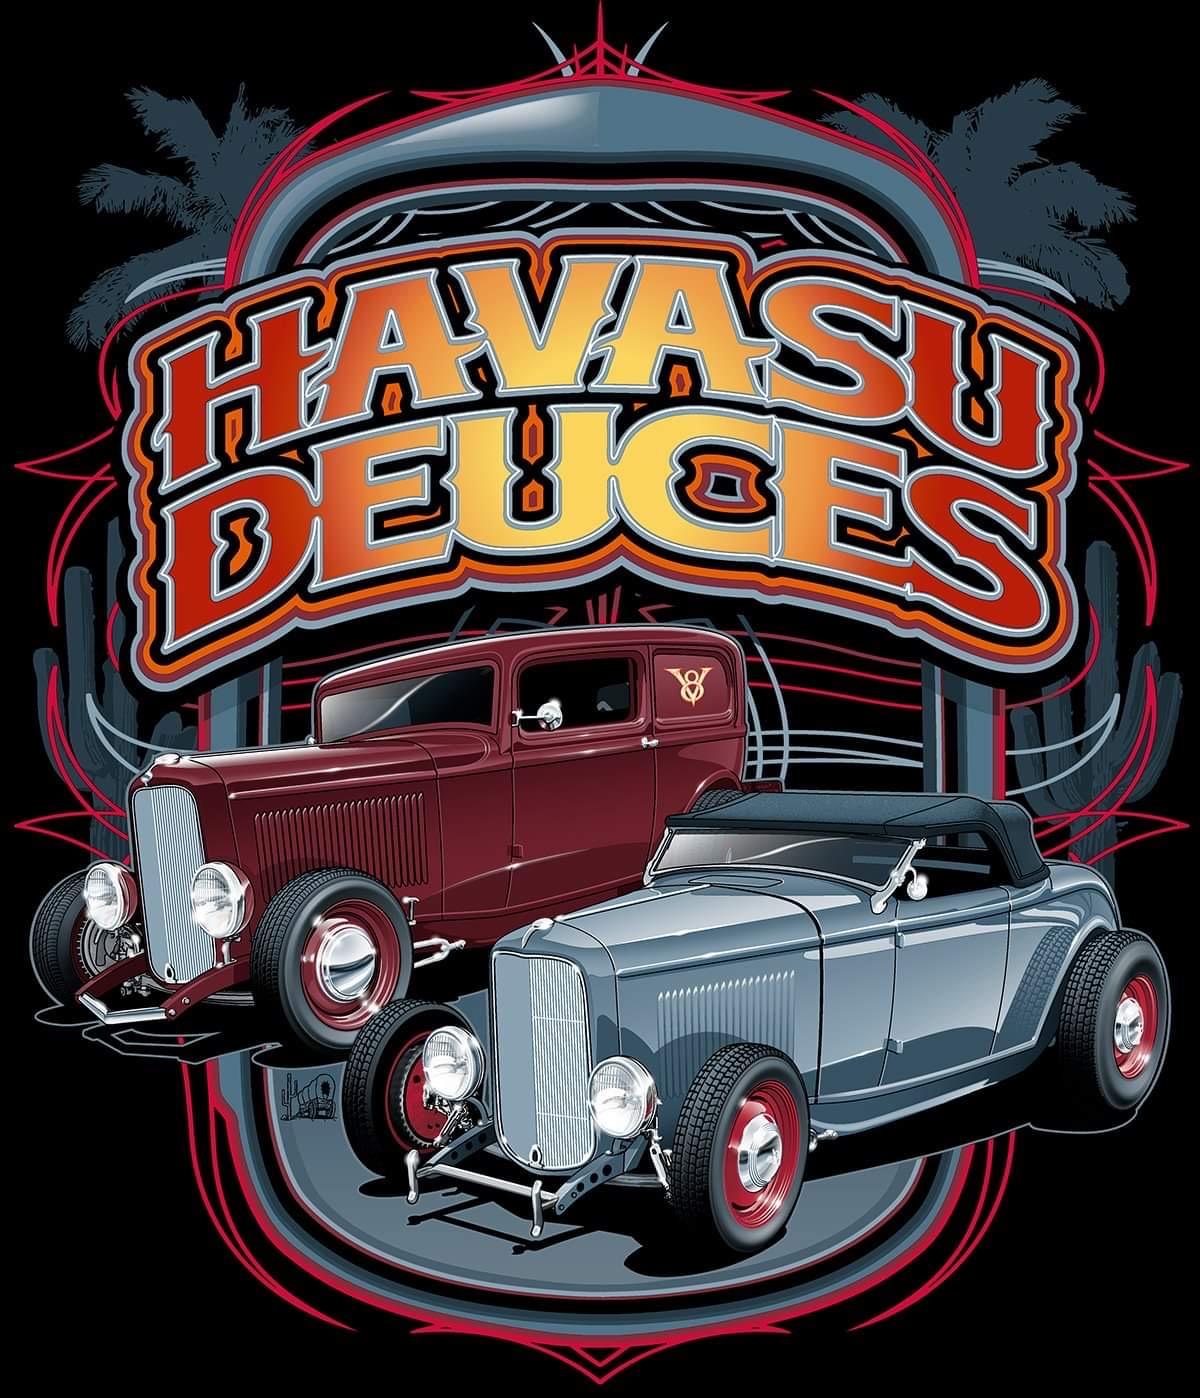 Havasu Deuces car show 2021